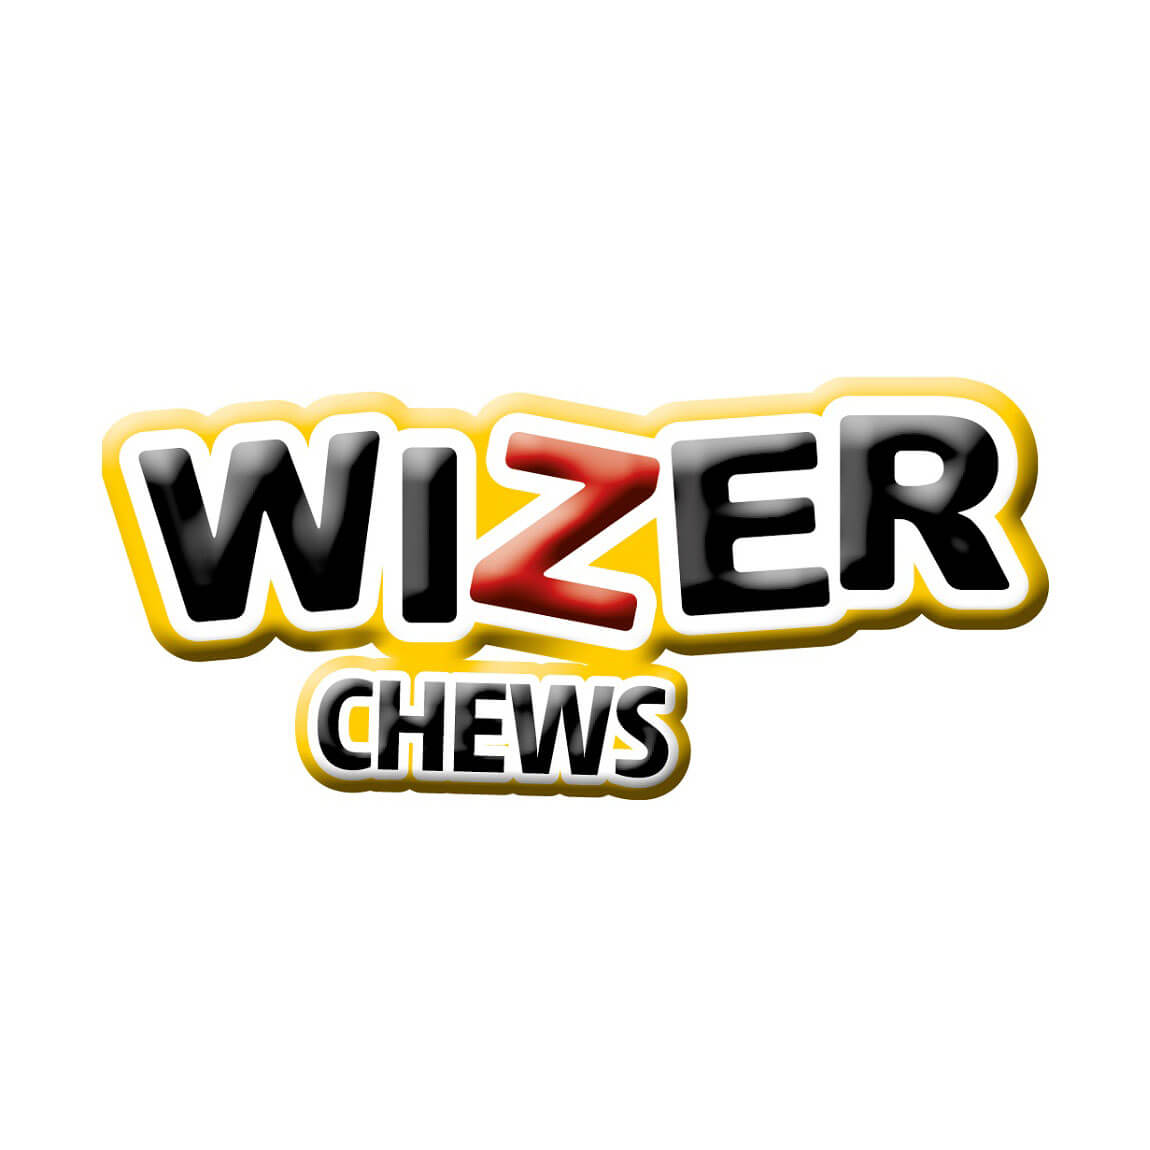 Wizer Chews